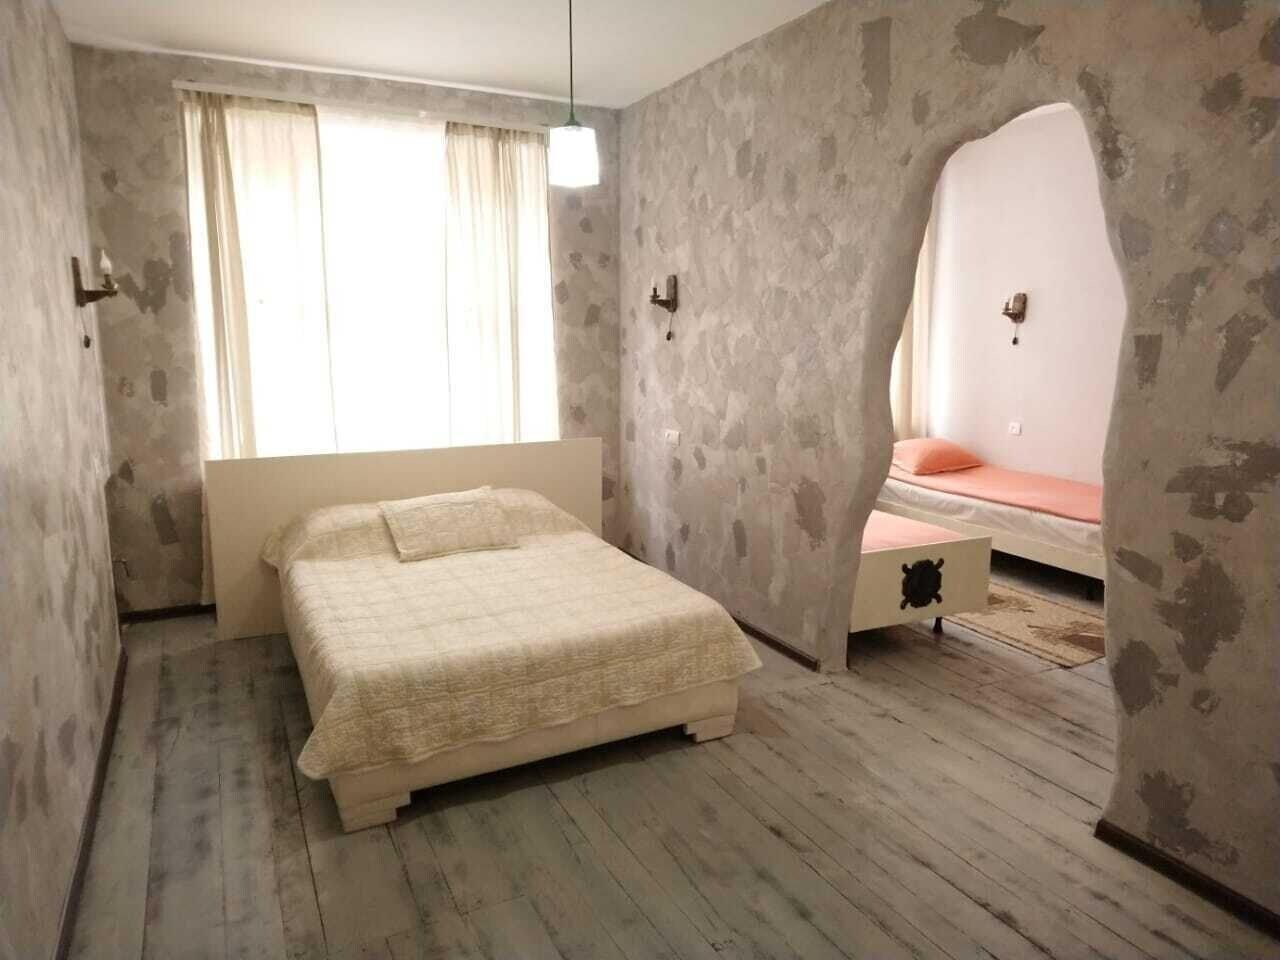 Hotel Yan - Hostel,